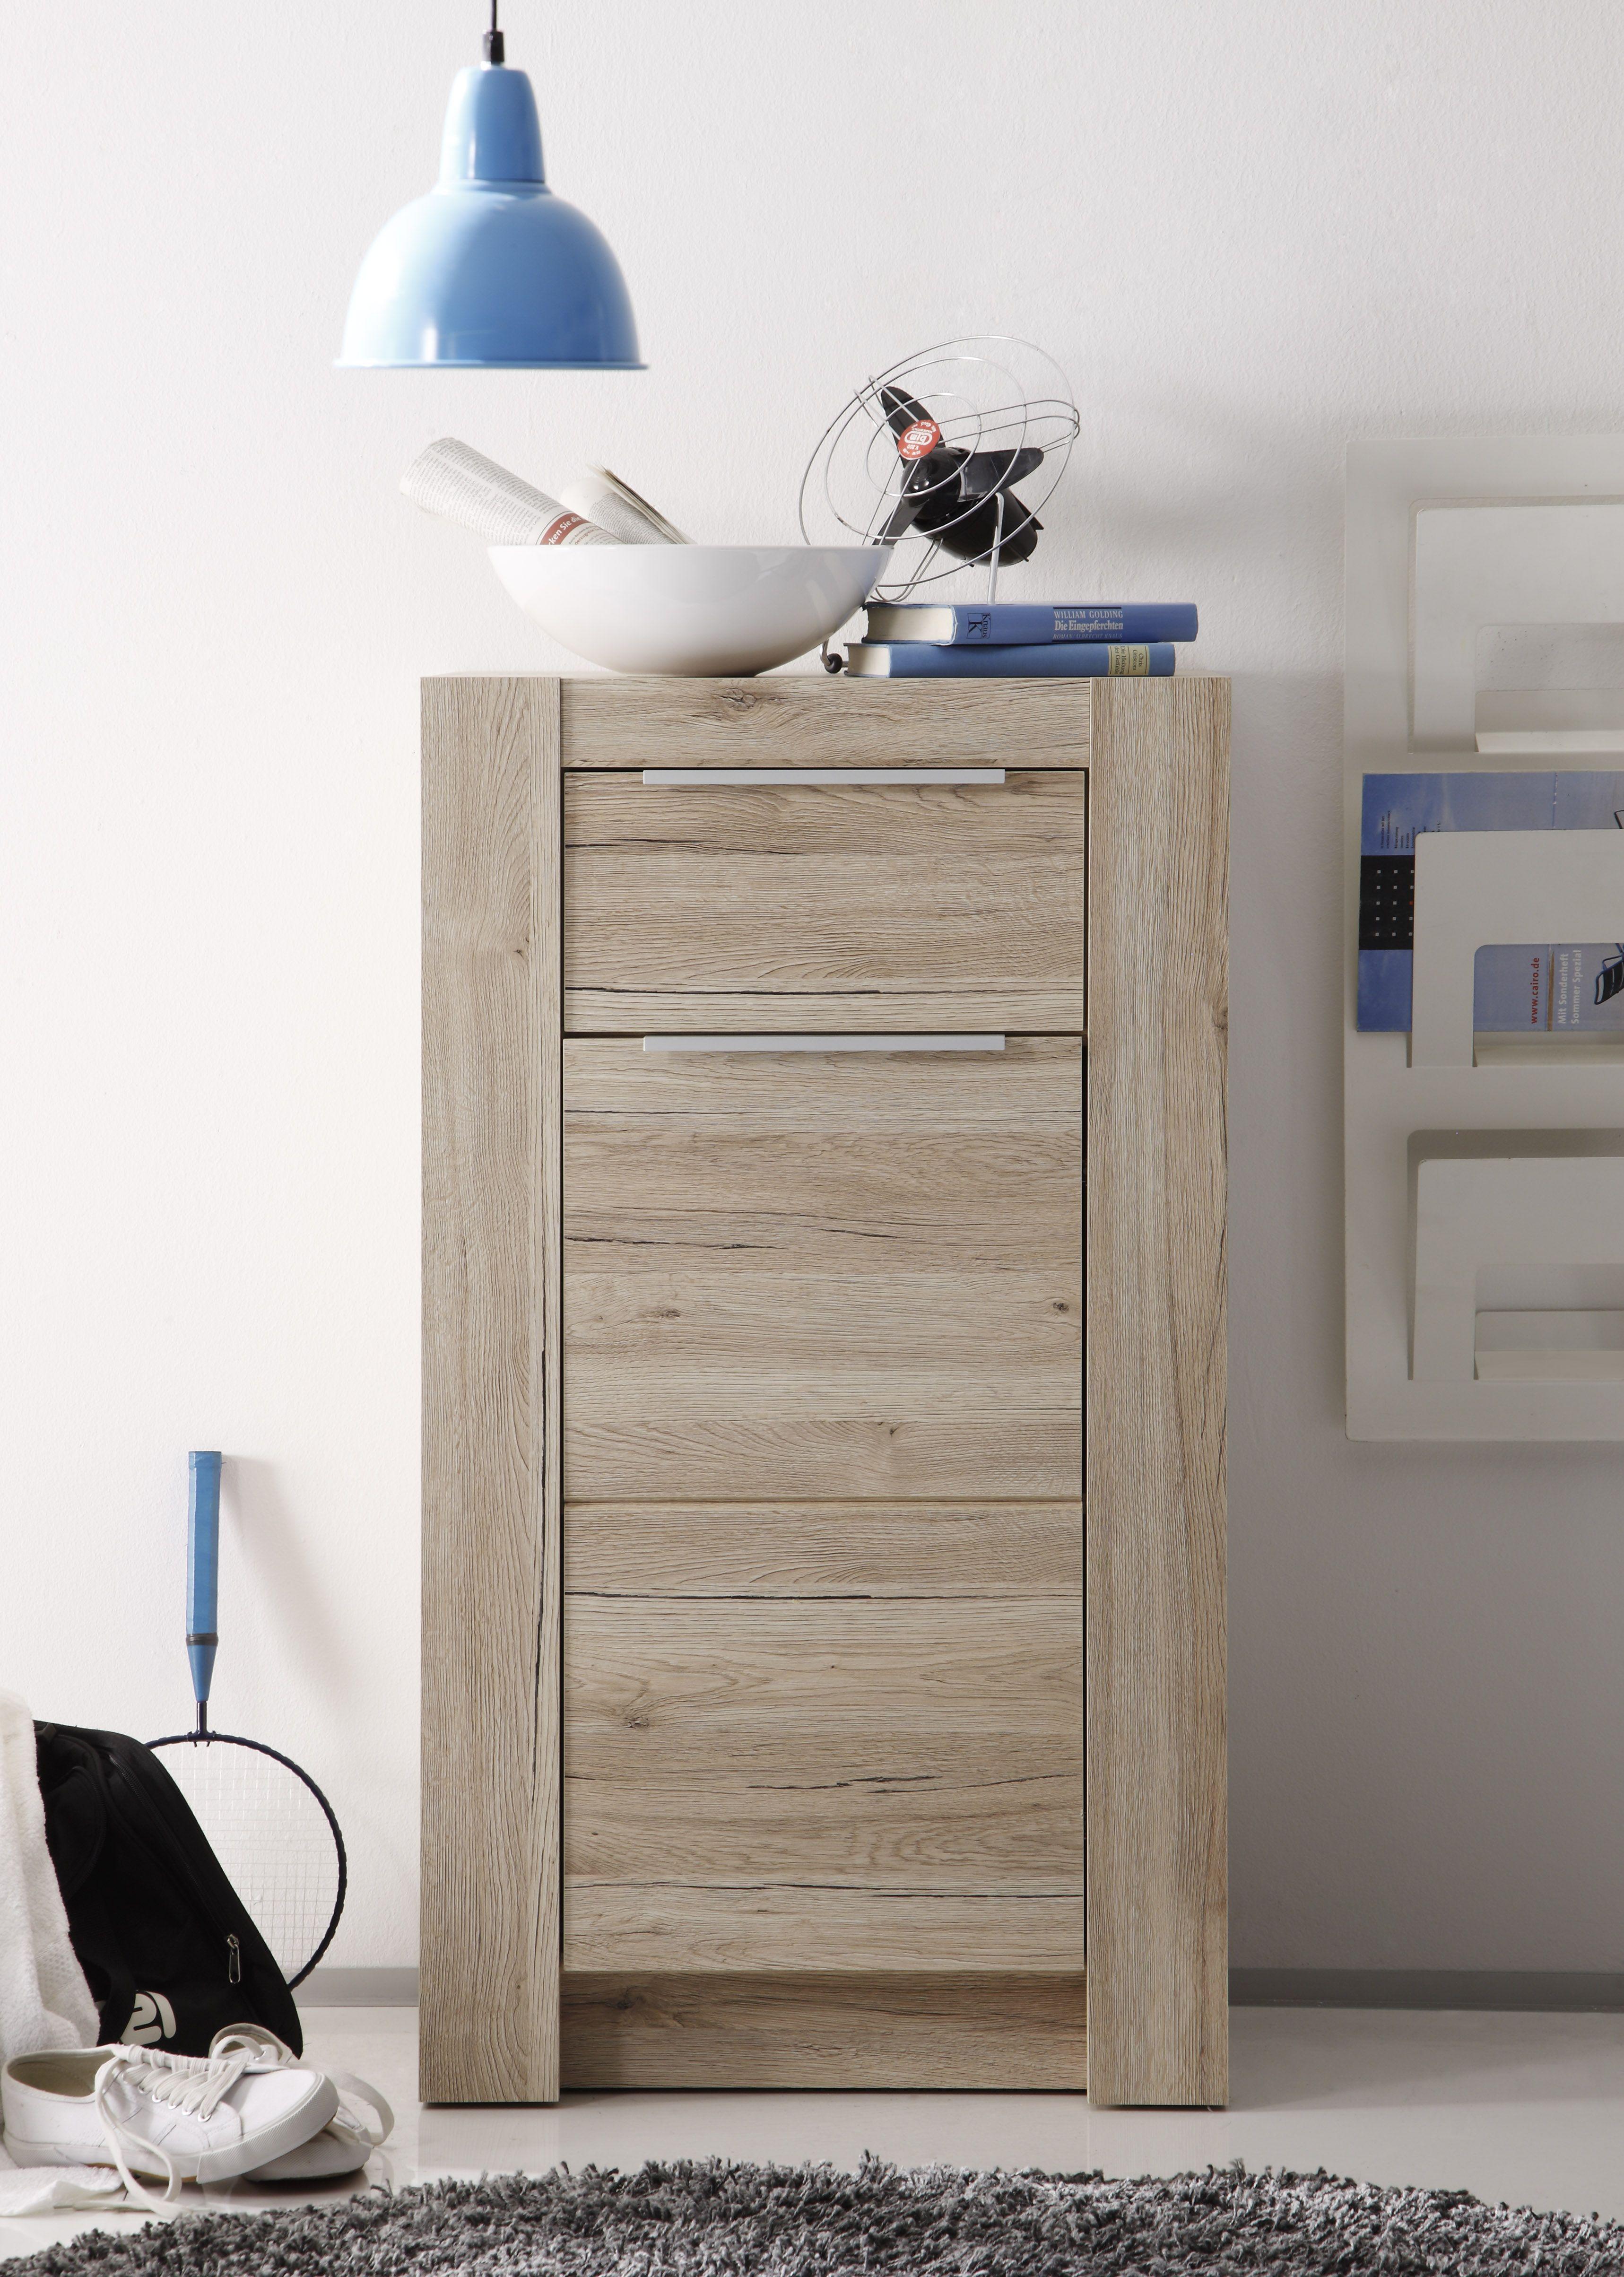 Schmaler Schrank Wohnzimmer Dresser In Living Room Wooden Drawers Oak Finish